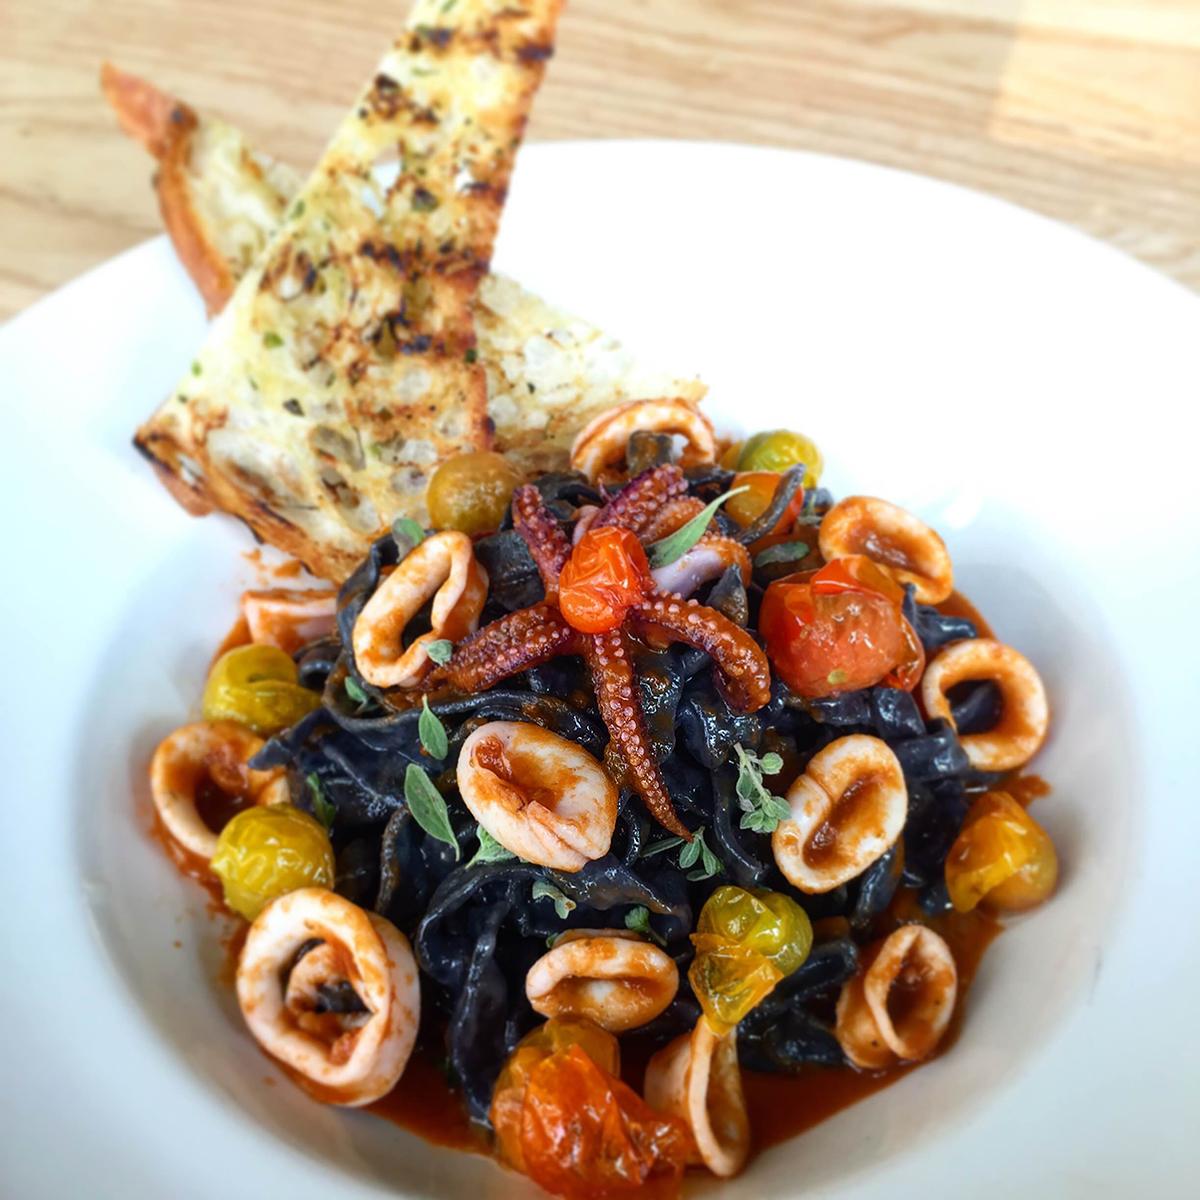 Squid Ink and Calamari pasta at Tender Greens